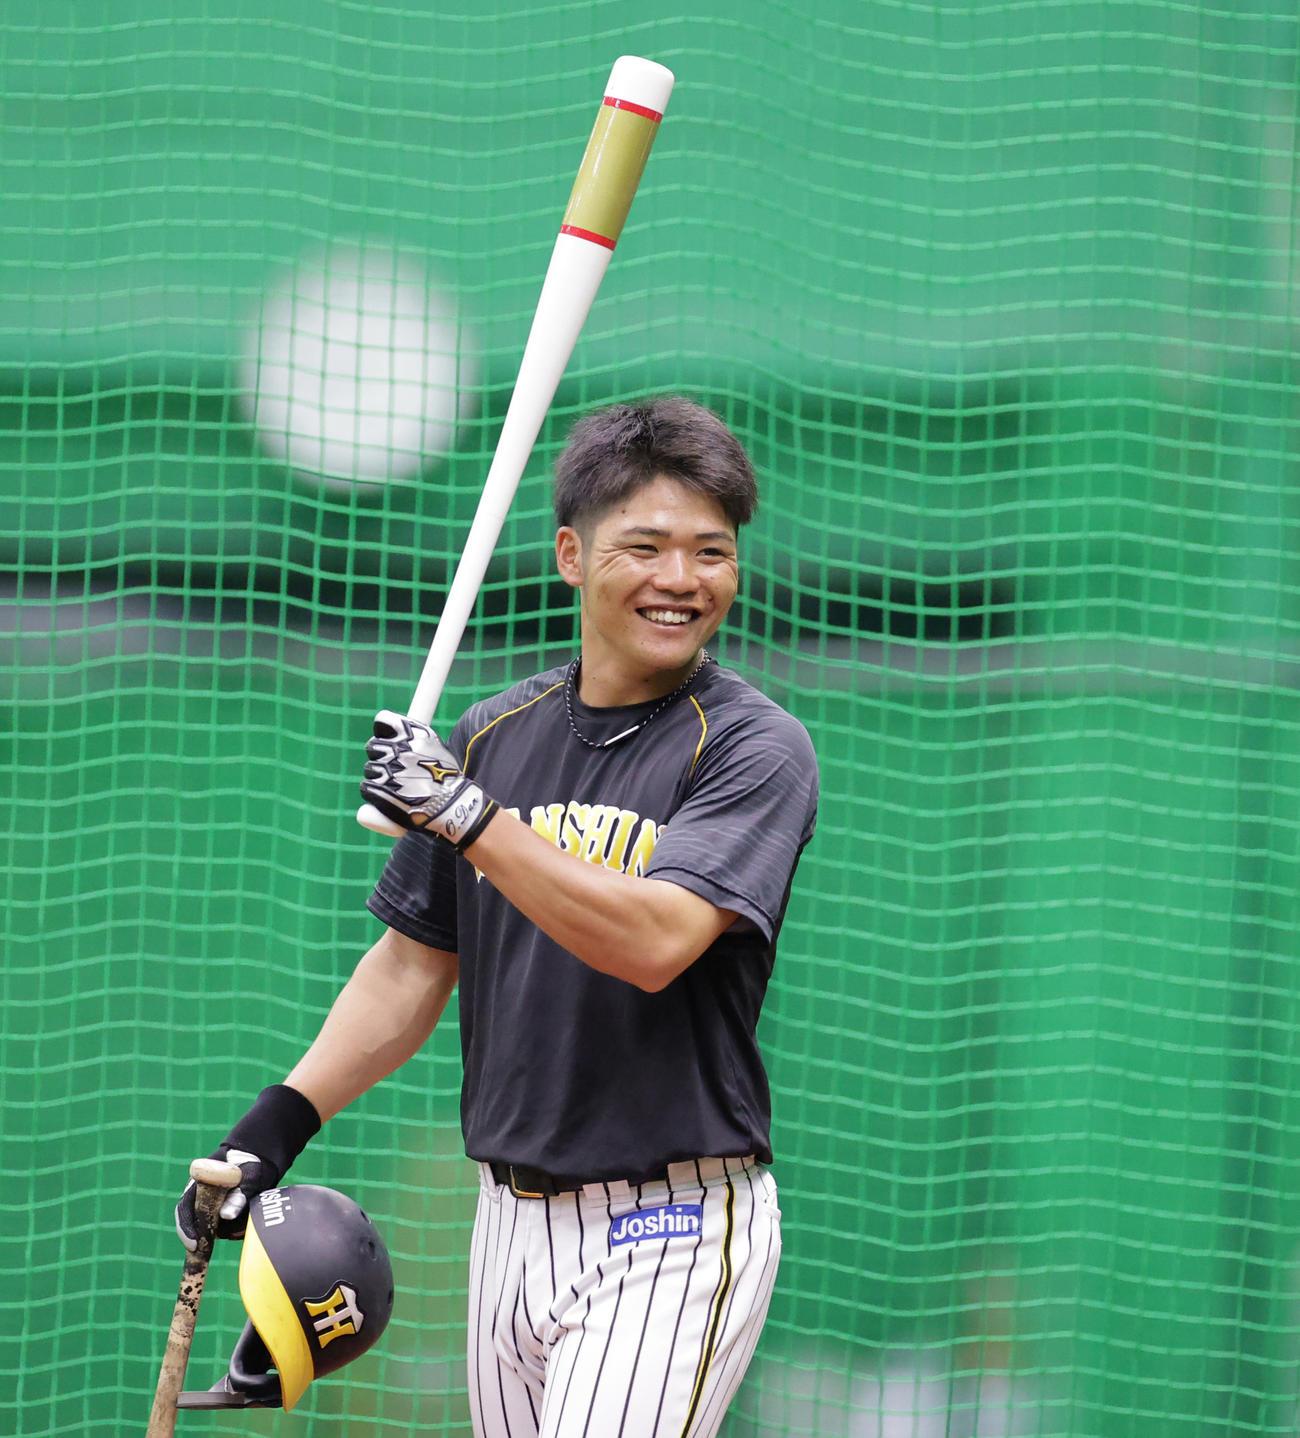 2軍首位打者、阪神小野寺 大山バットで打率上昇「1軍に必要な戦力に」